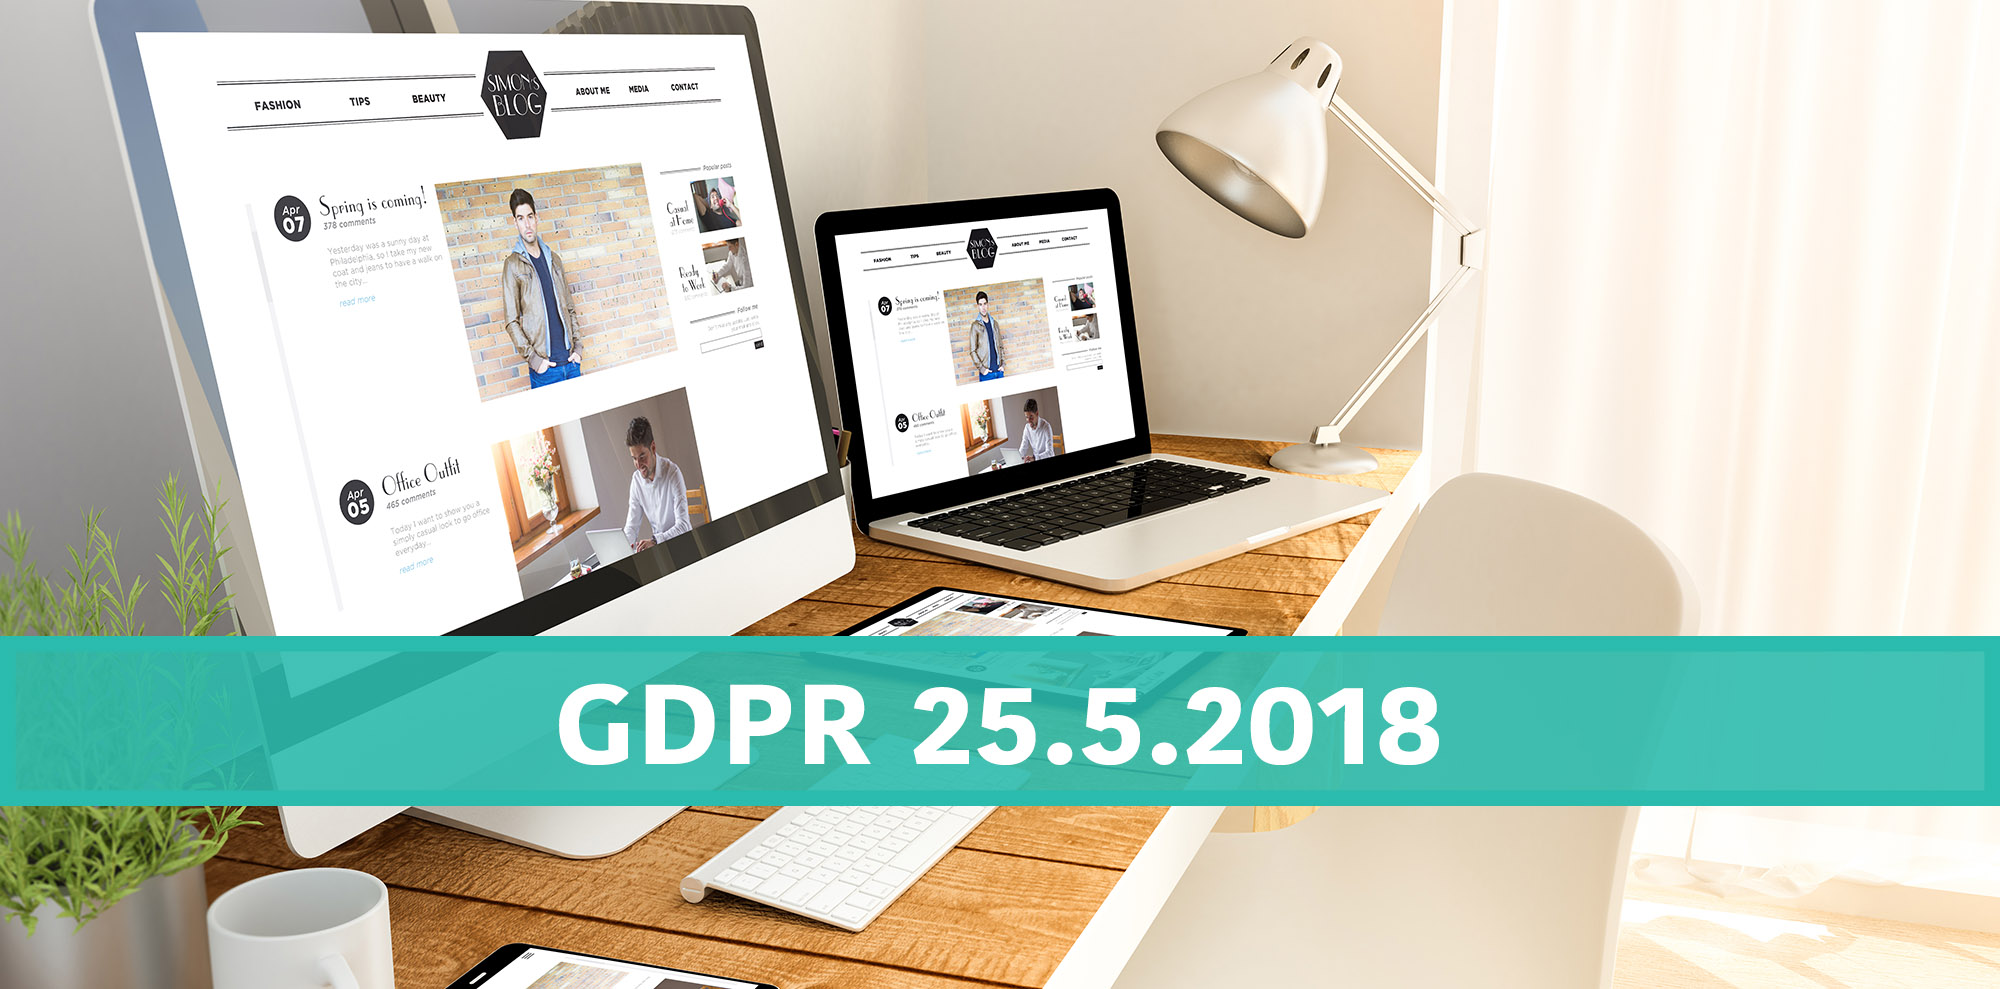 Začněte s implementací GDPR na vašem webu